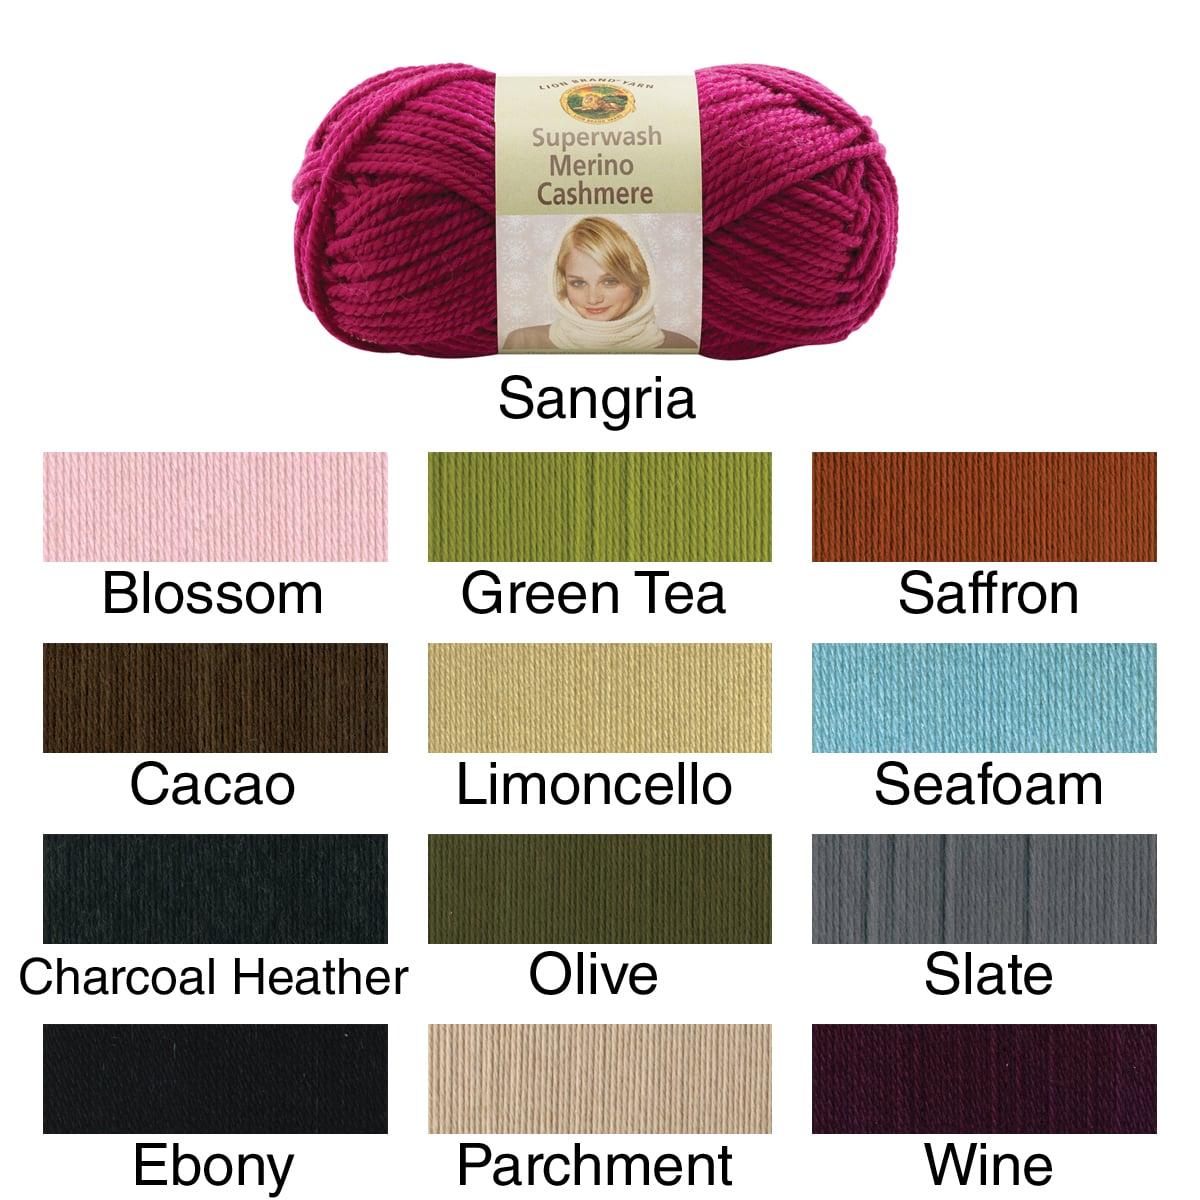 Superwash Merino Cashmere Yarn